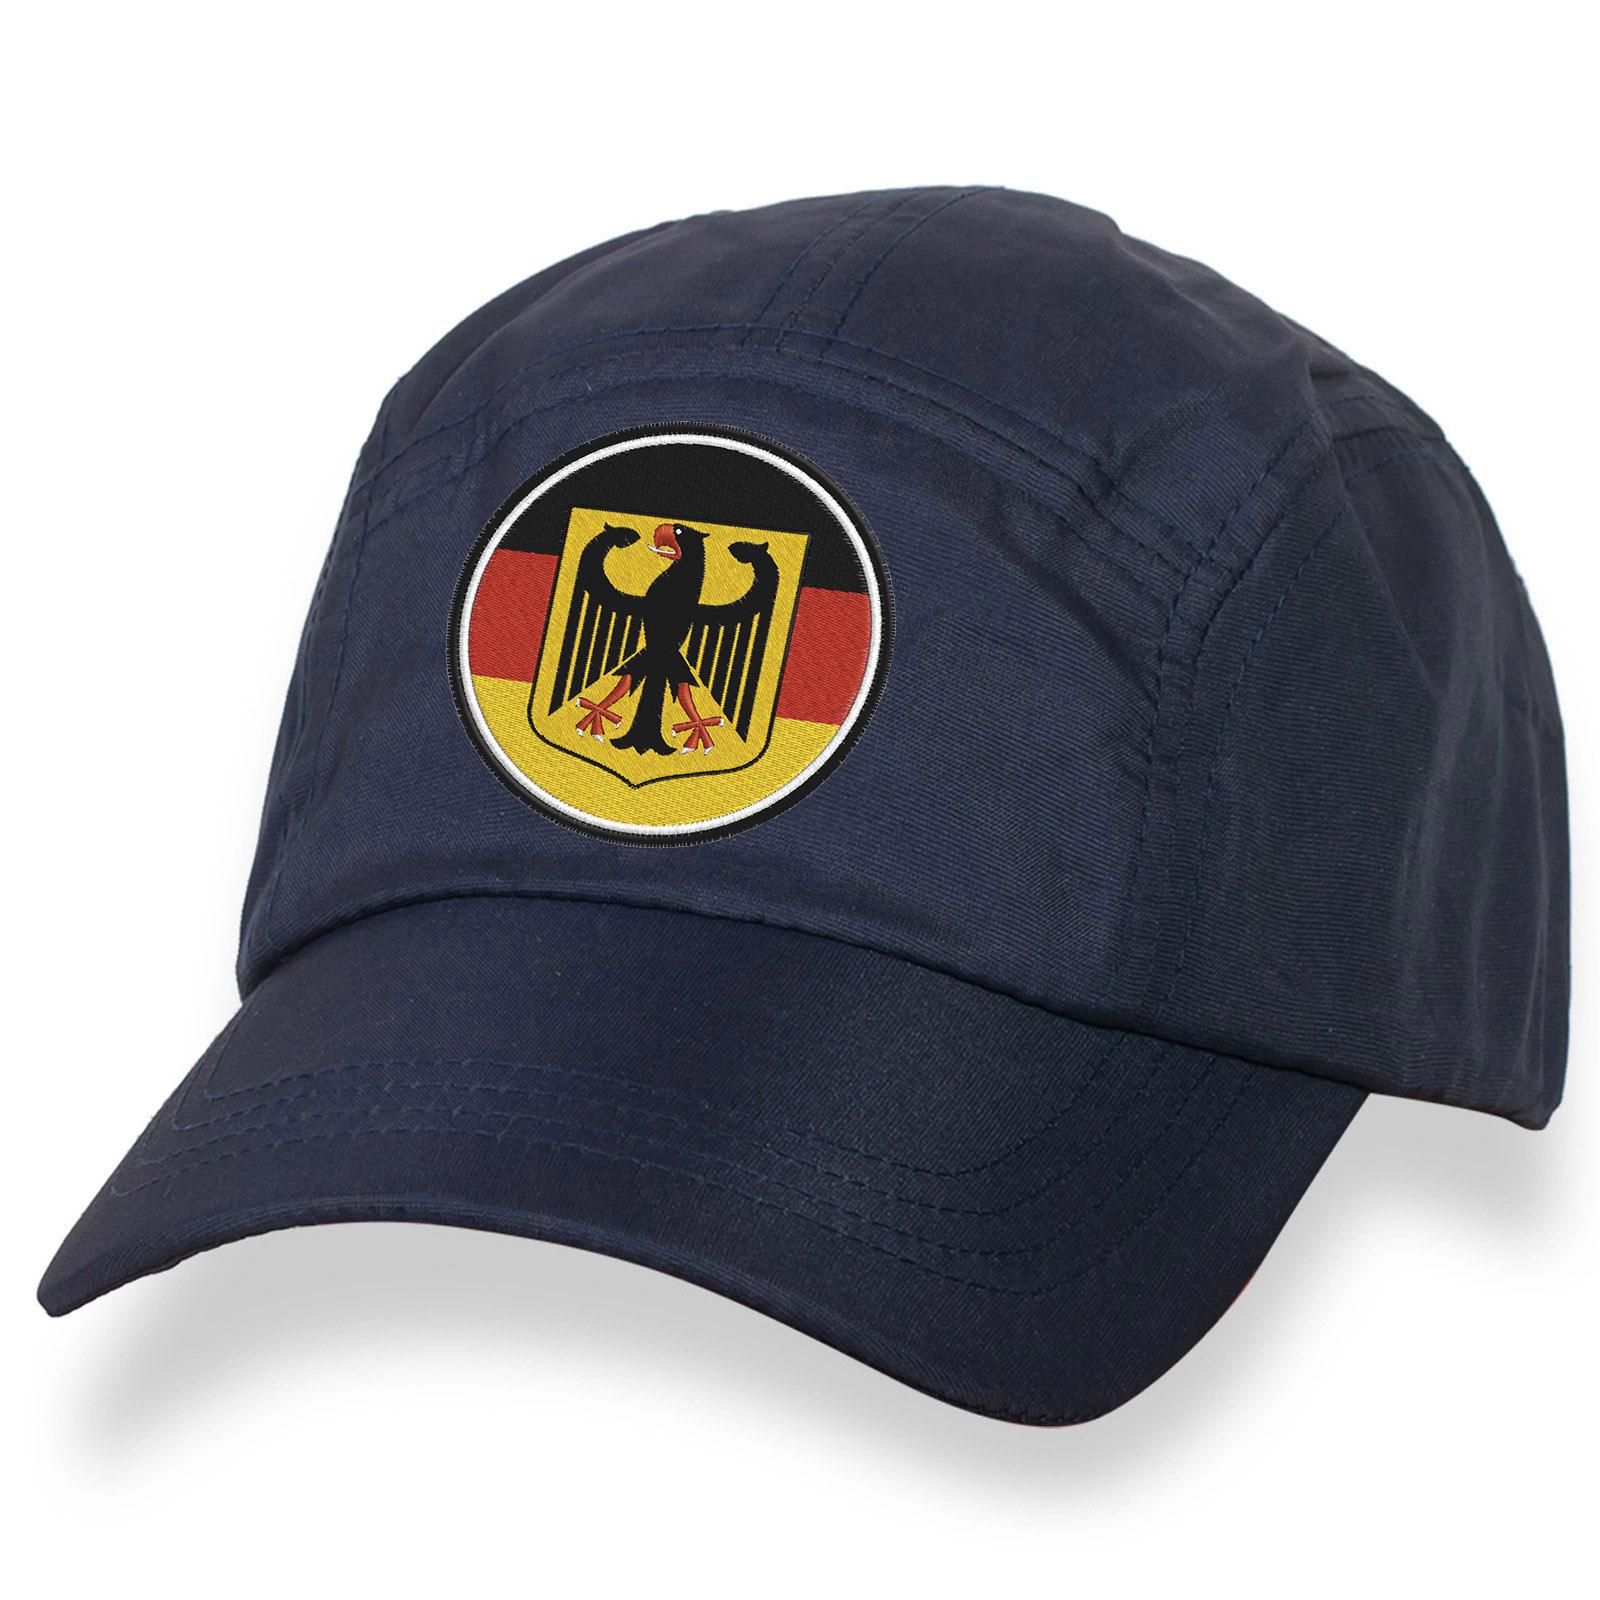 Темно-синяя бейсболка с флагом и гербом Германии.